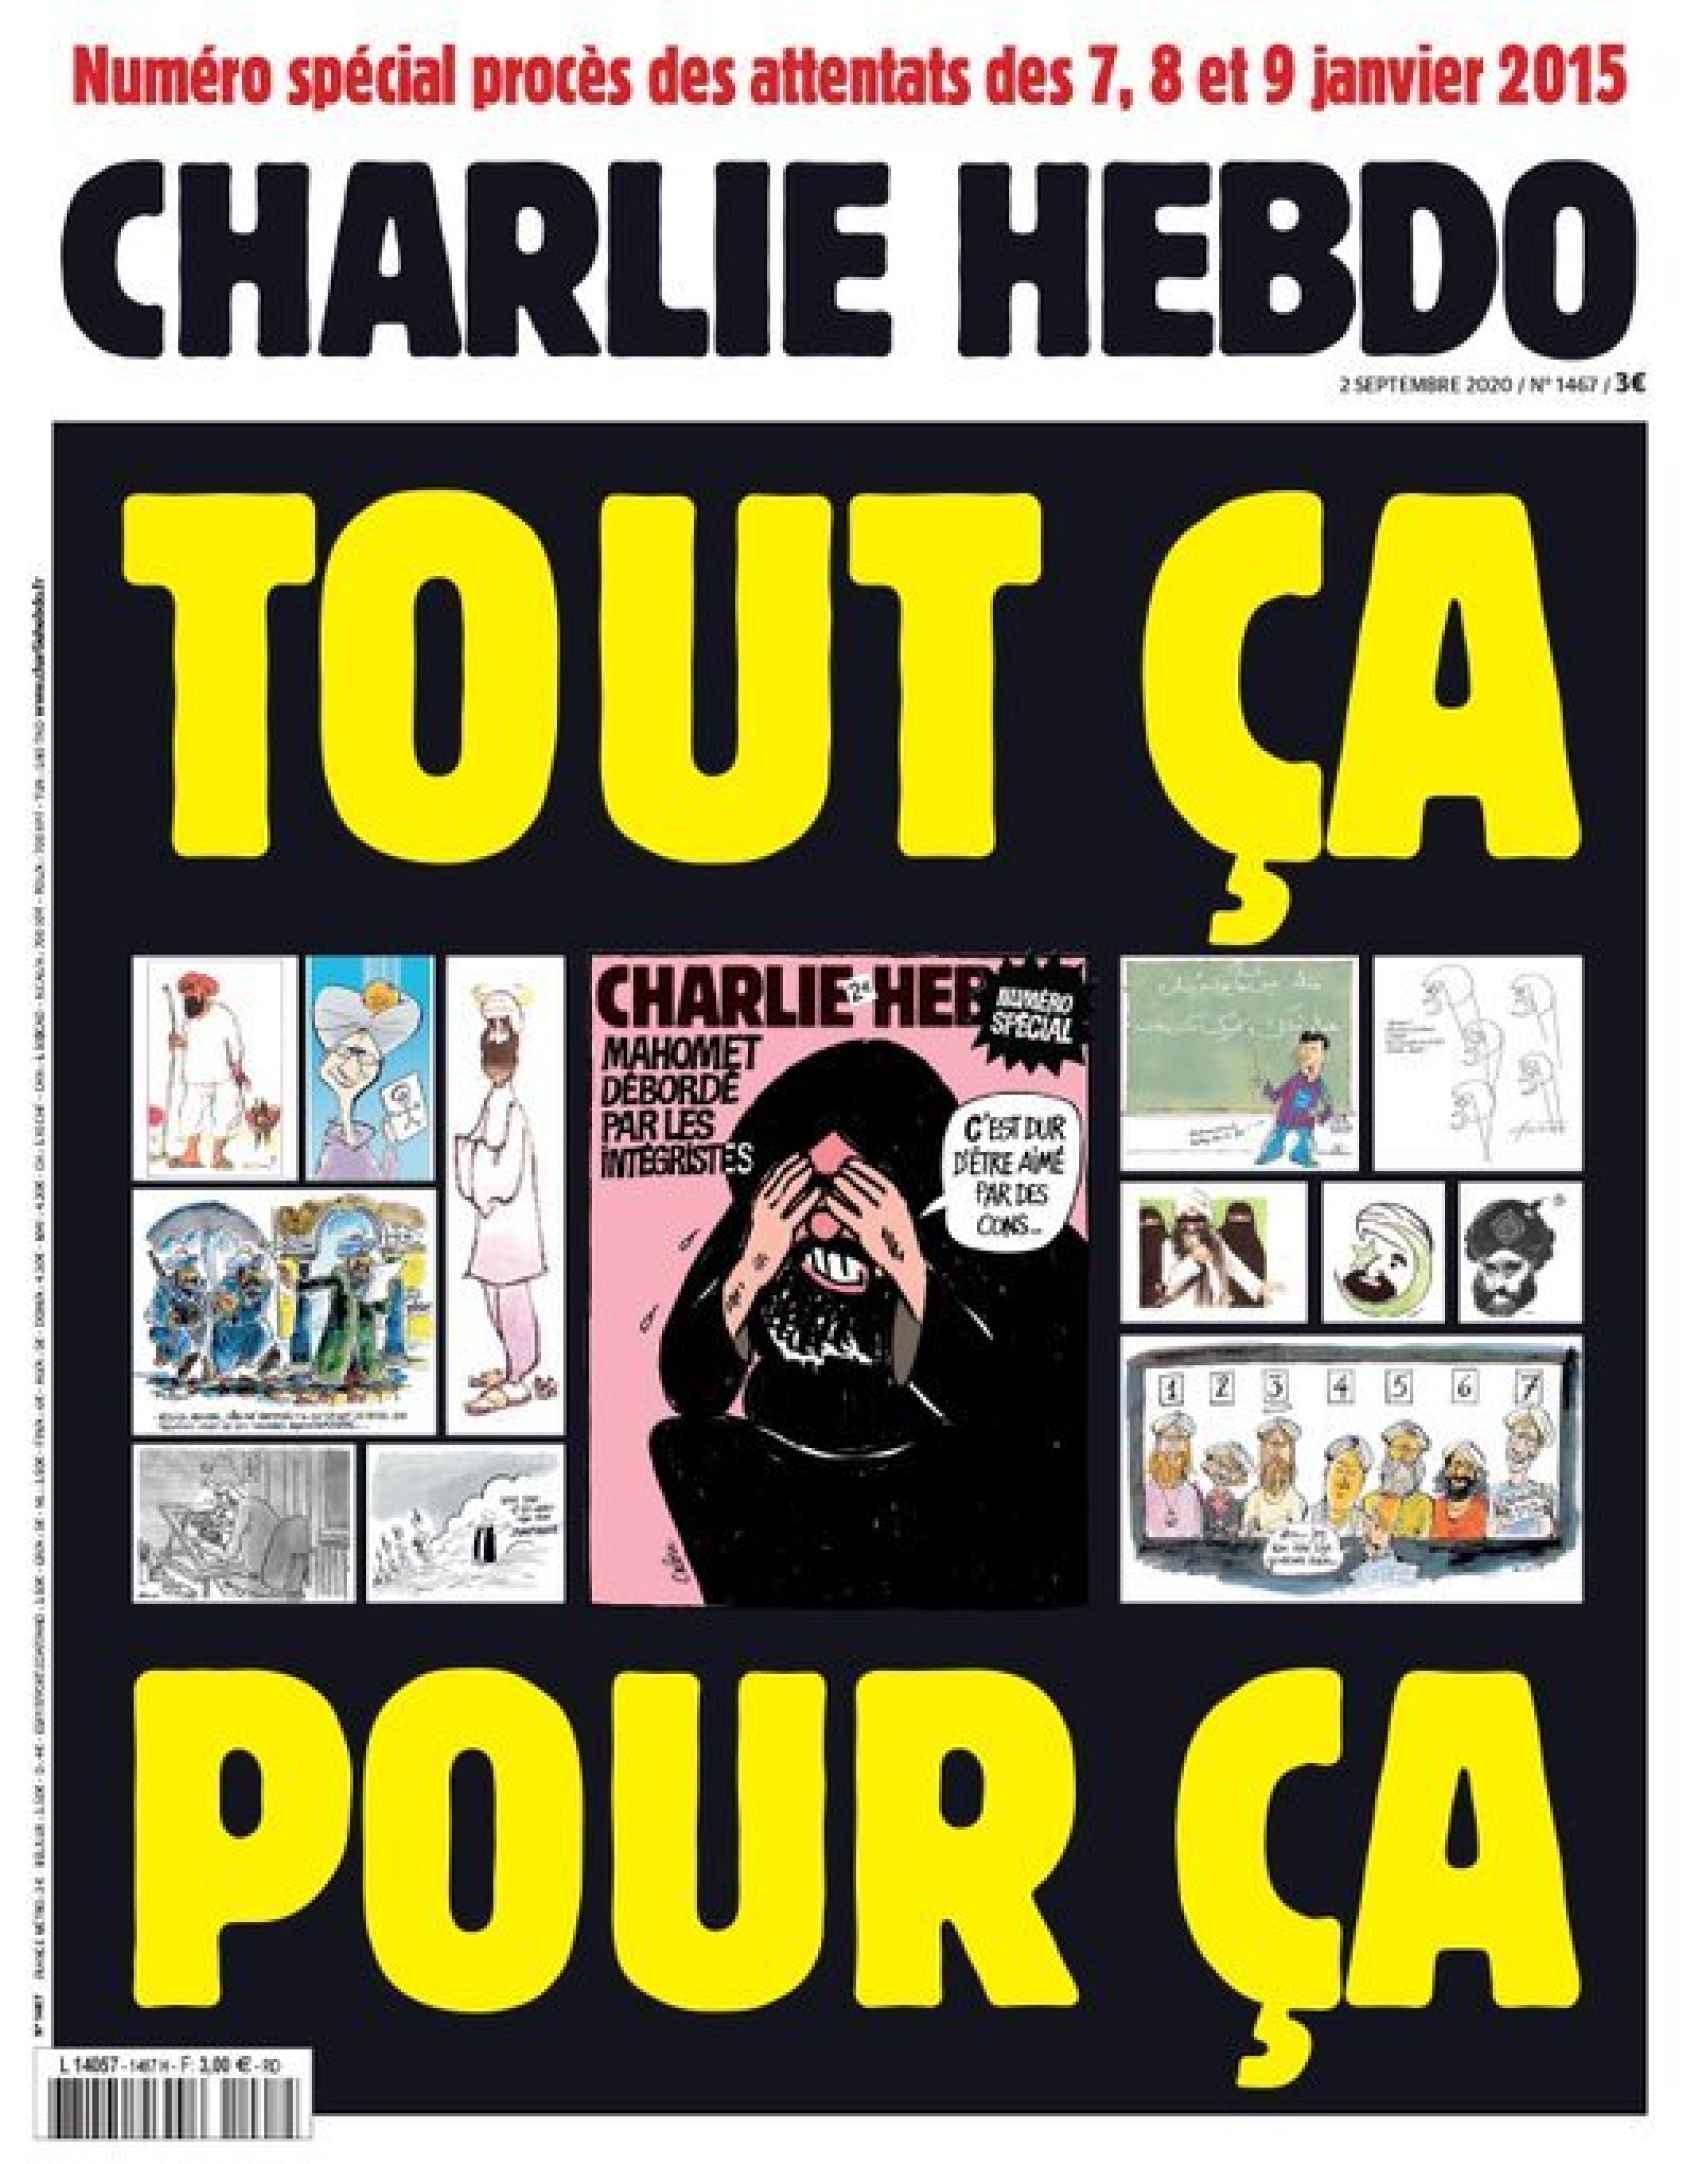 Portada de Charlie Hebdo en la que recuperó las caricaturas de Mahoma.